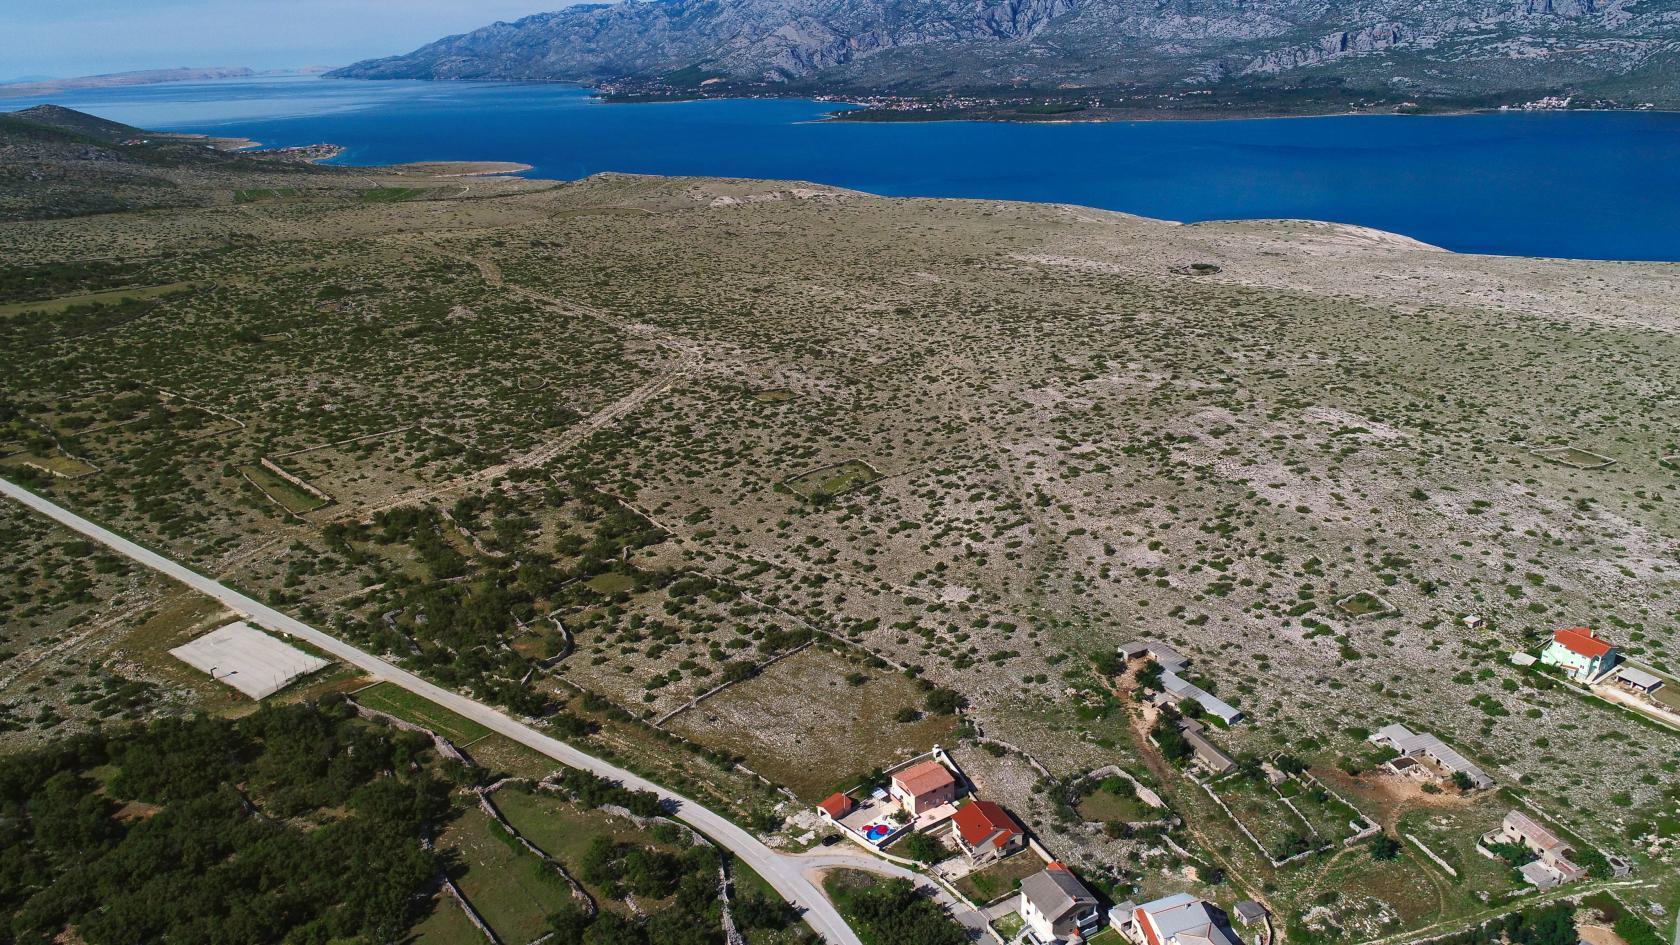 Villa Nea in Ždrilo, Holiday in Ždrilo, 8 persons, family vacation, www.zadarvillas.com